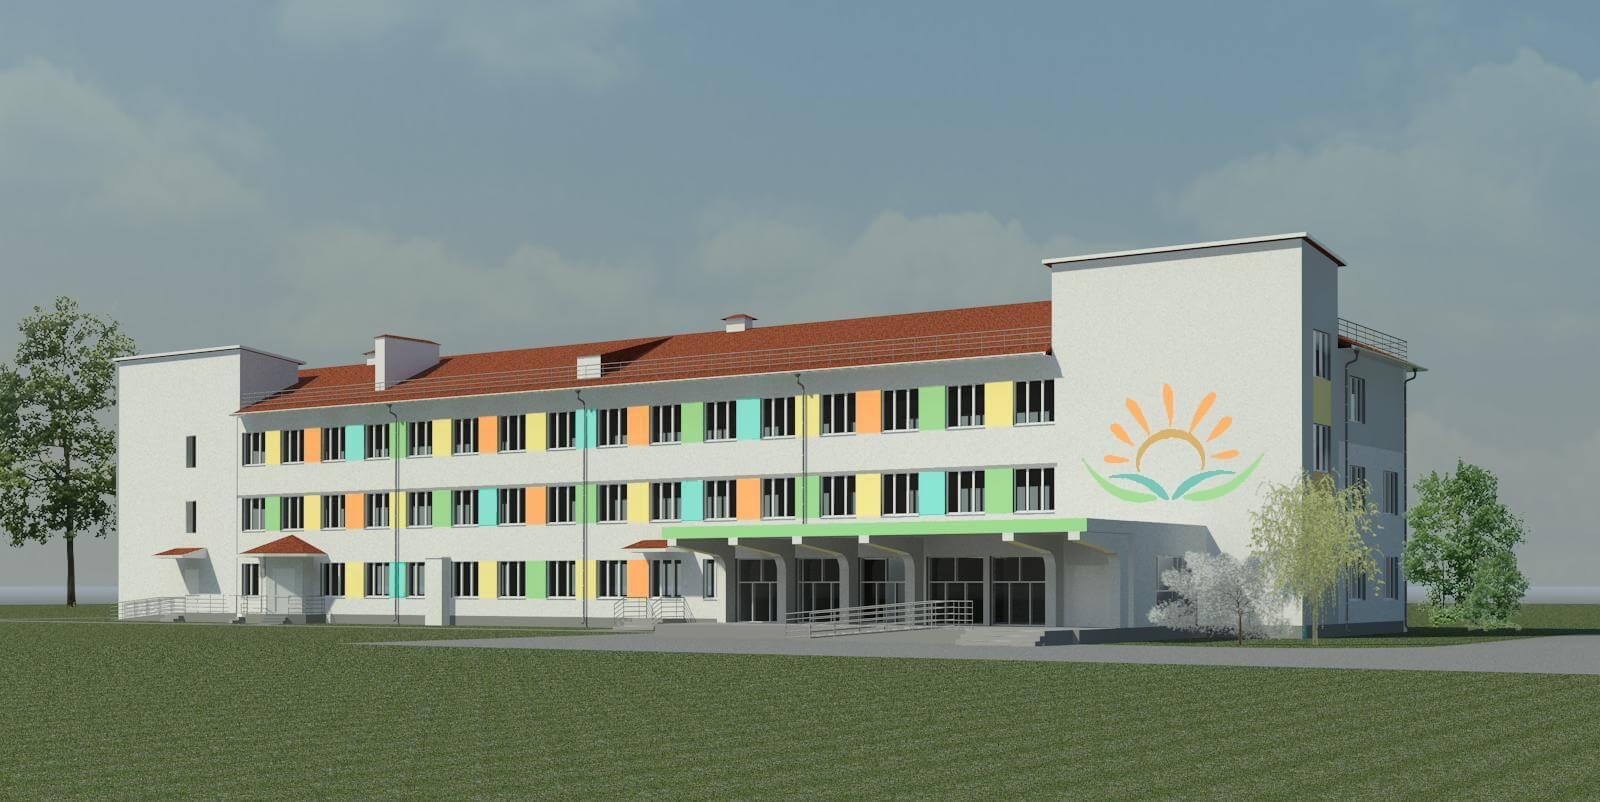 Запрошення до участі в конкурсі-запиті цінових пропозицій на проектування заміни покрівлі в будівлі лікарні м. Вознесенськ